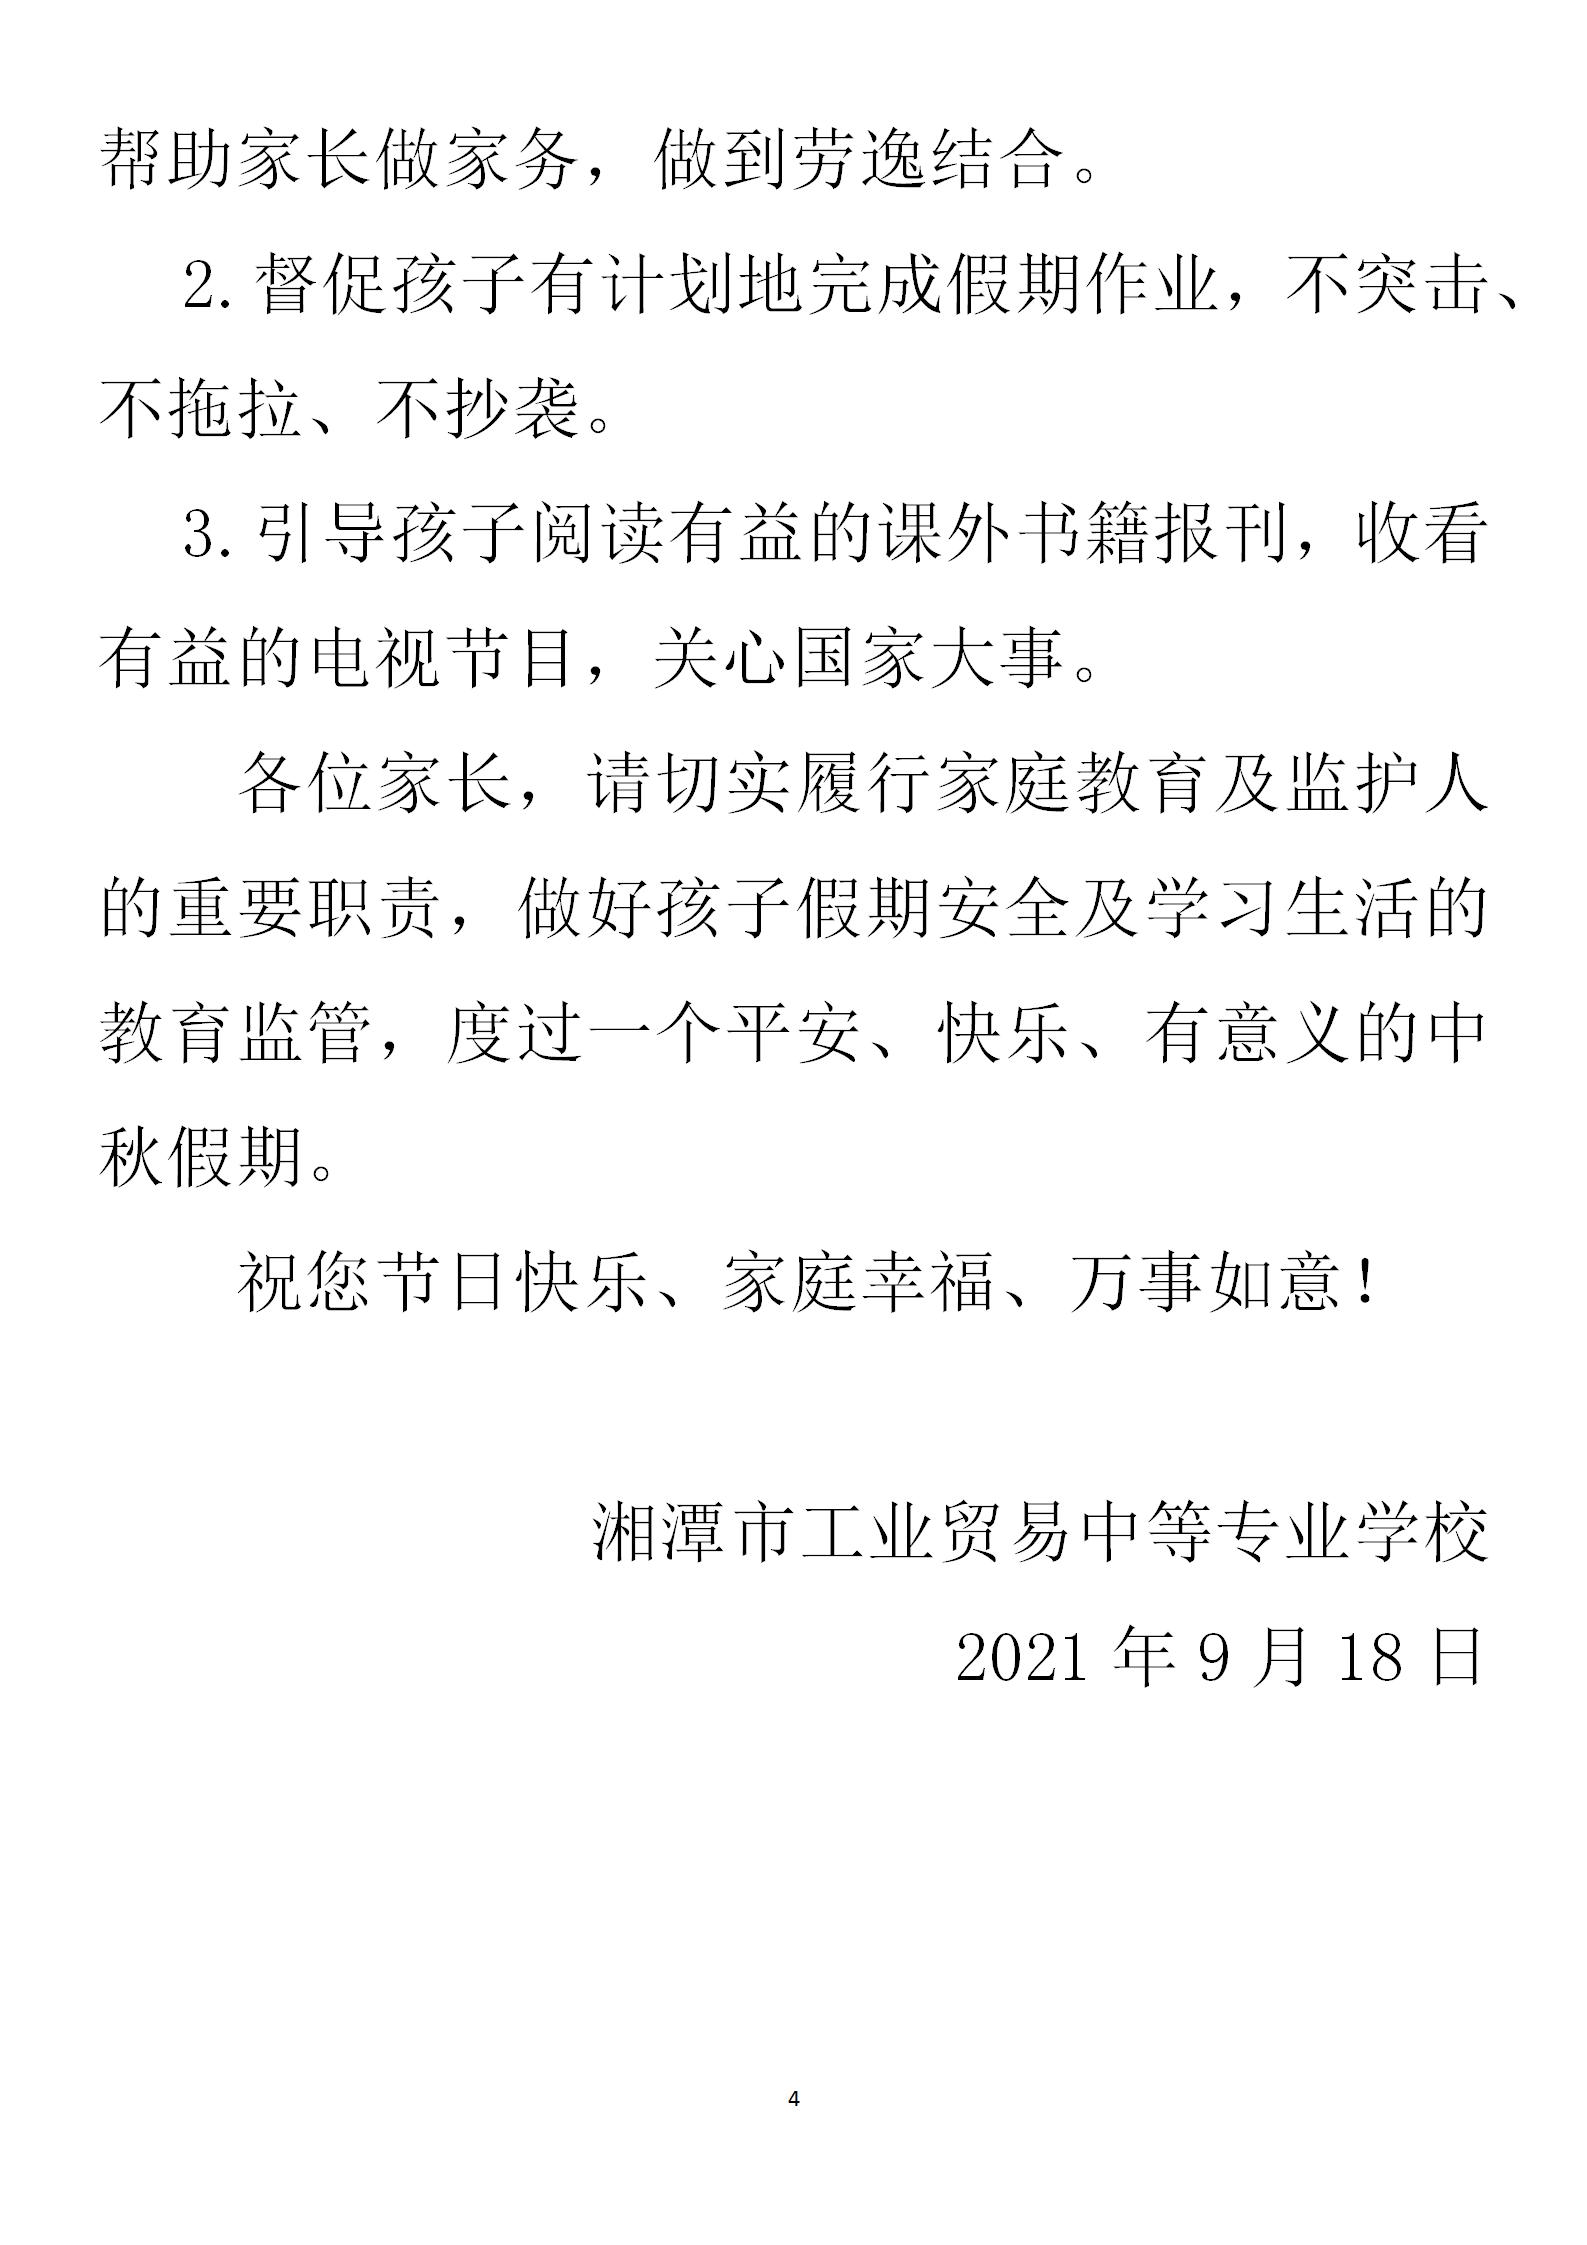 2021年中秋节致家长一封信_04